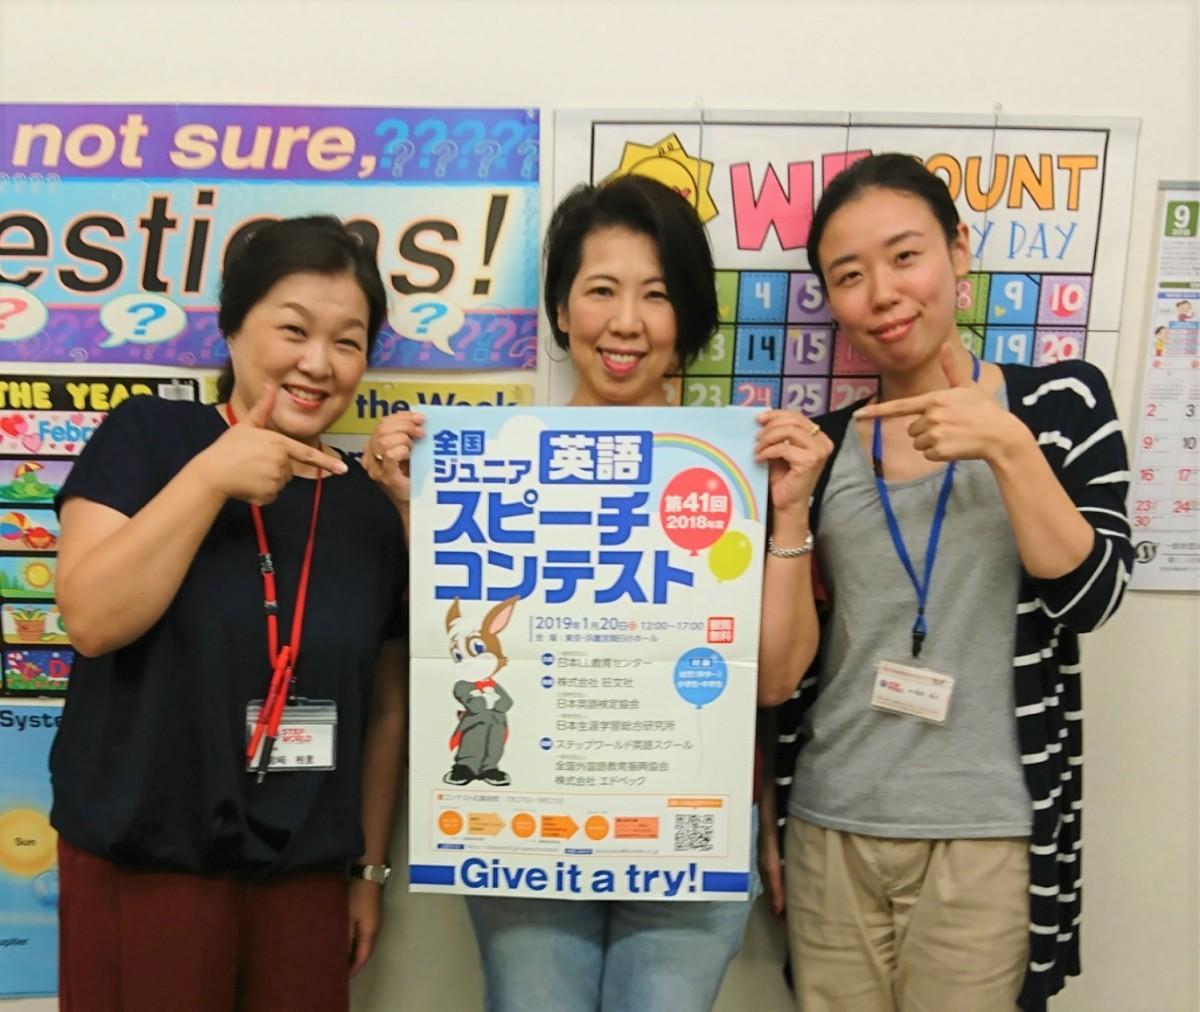 「ステップワールド英語スクール 佐賀新聞教室」事務局の川崎亜弥さん(右)、講師の片岡栄子さん(中央)、岩崎裕里さん(左)